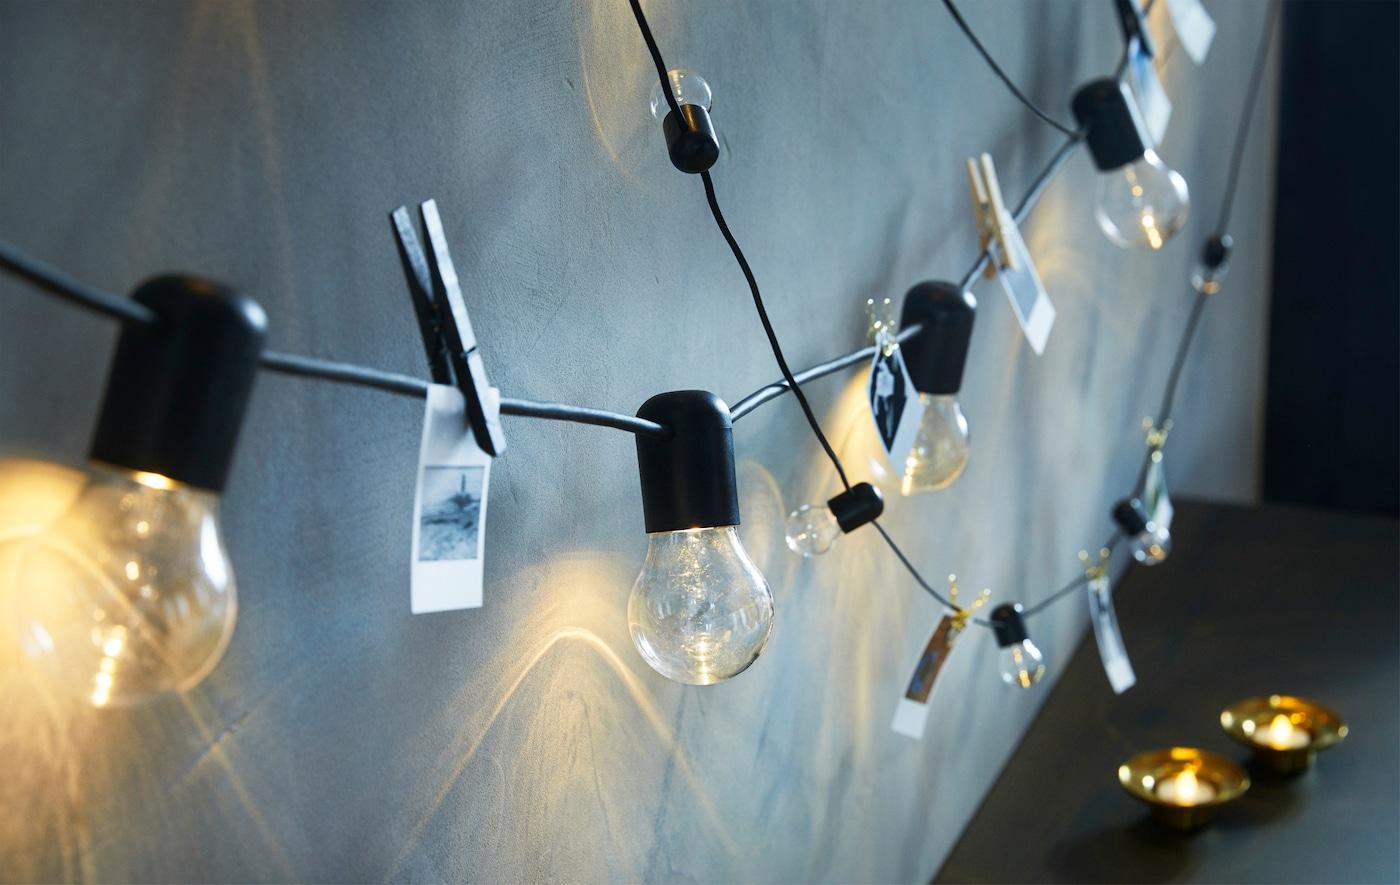 Con le illuminazioni a LED SVARTRÅ e BLÖTSNÖ in nero puoi decorare e personalizzare un'intera parete - IKEA